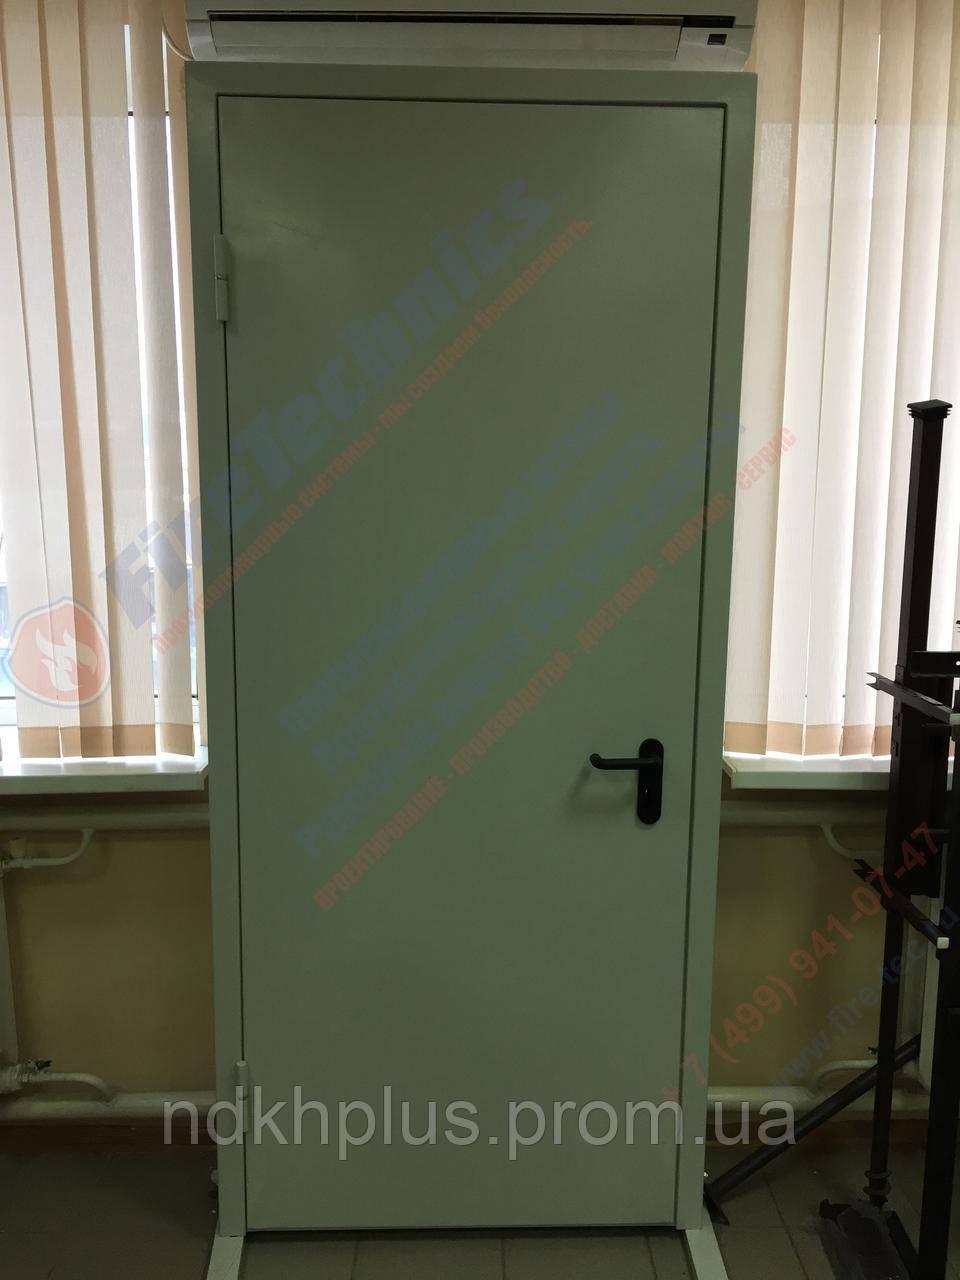 Входная дверь Мералл/металл +бол.стекло ral 7040